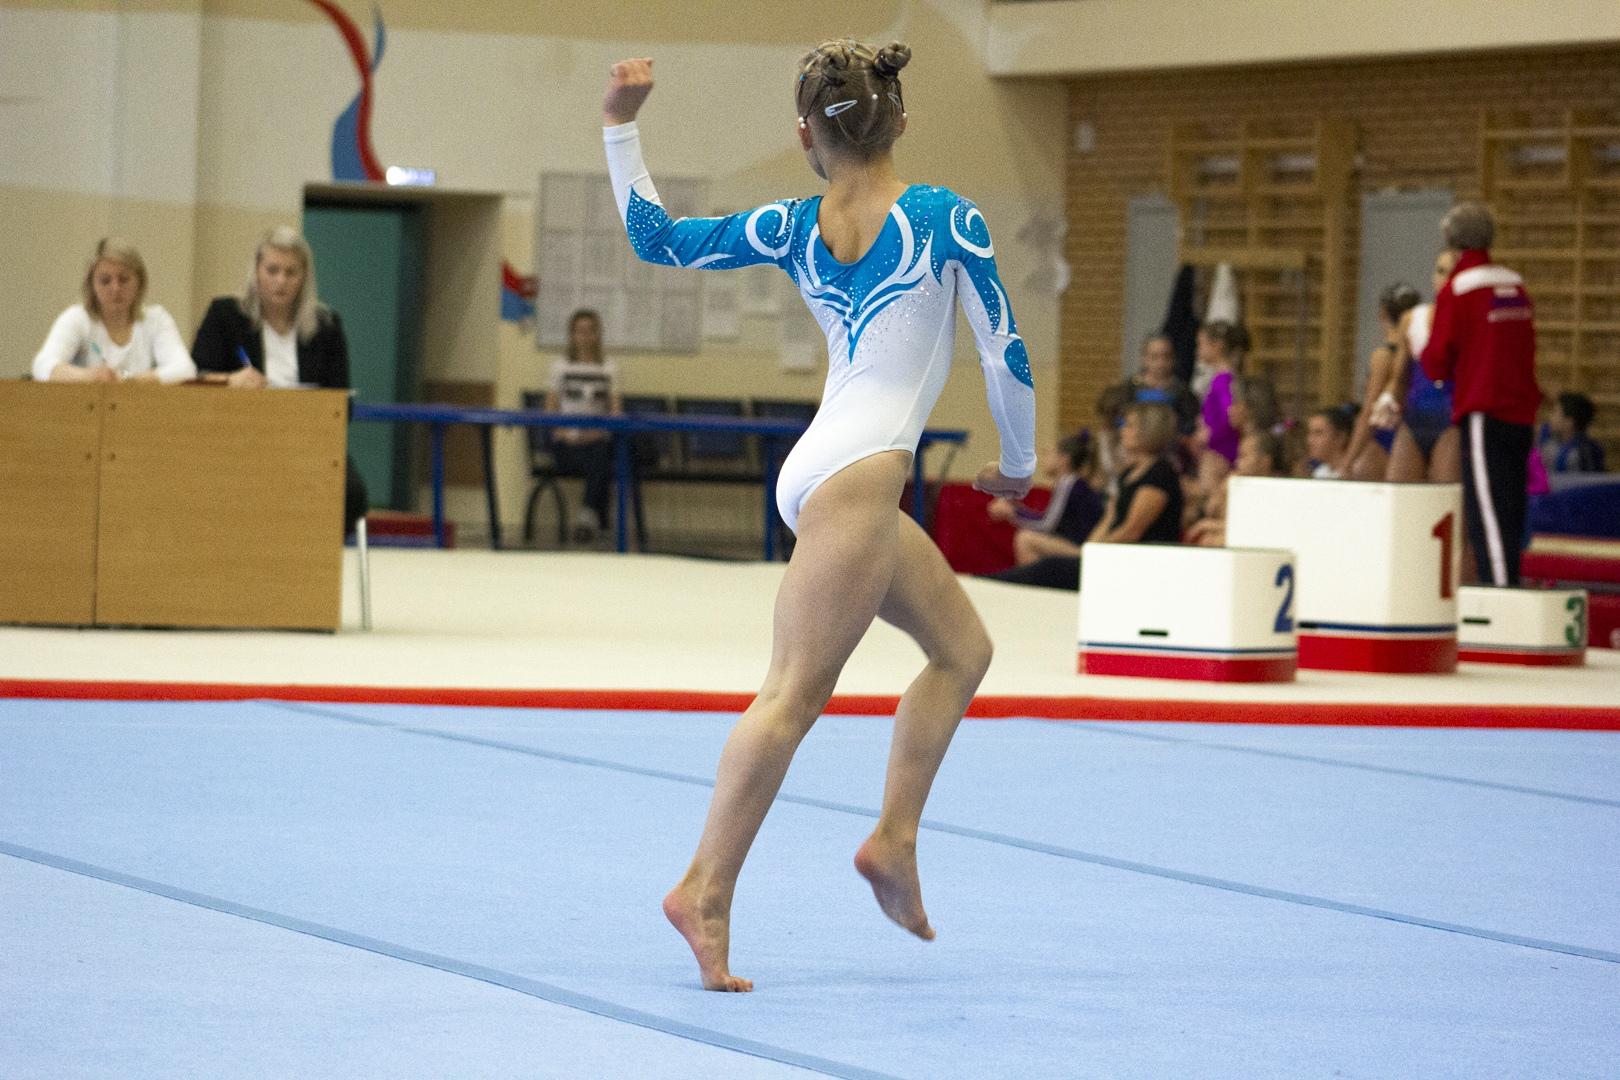 поздравления спортсменам спортивной гимнастики жизни лучше